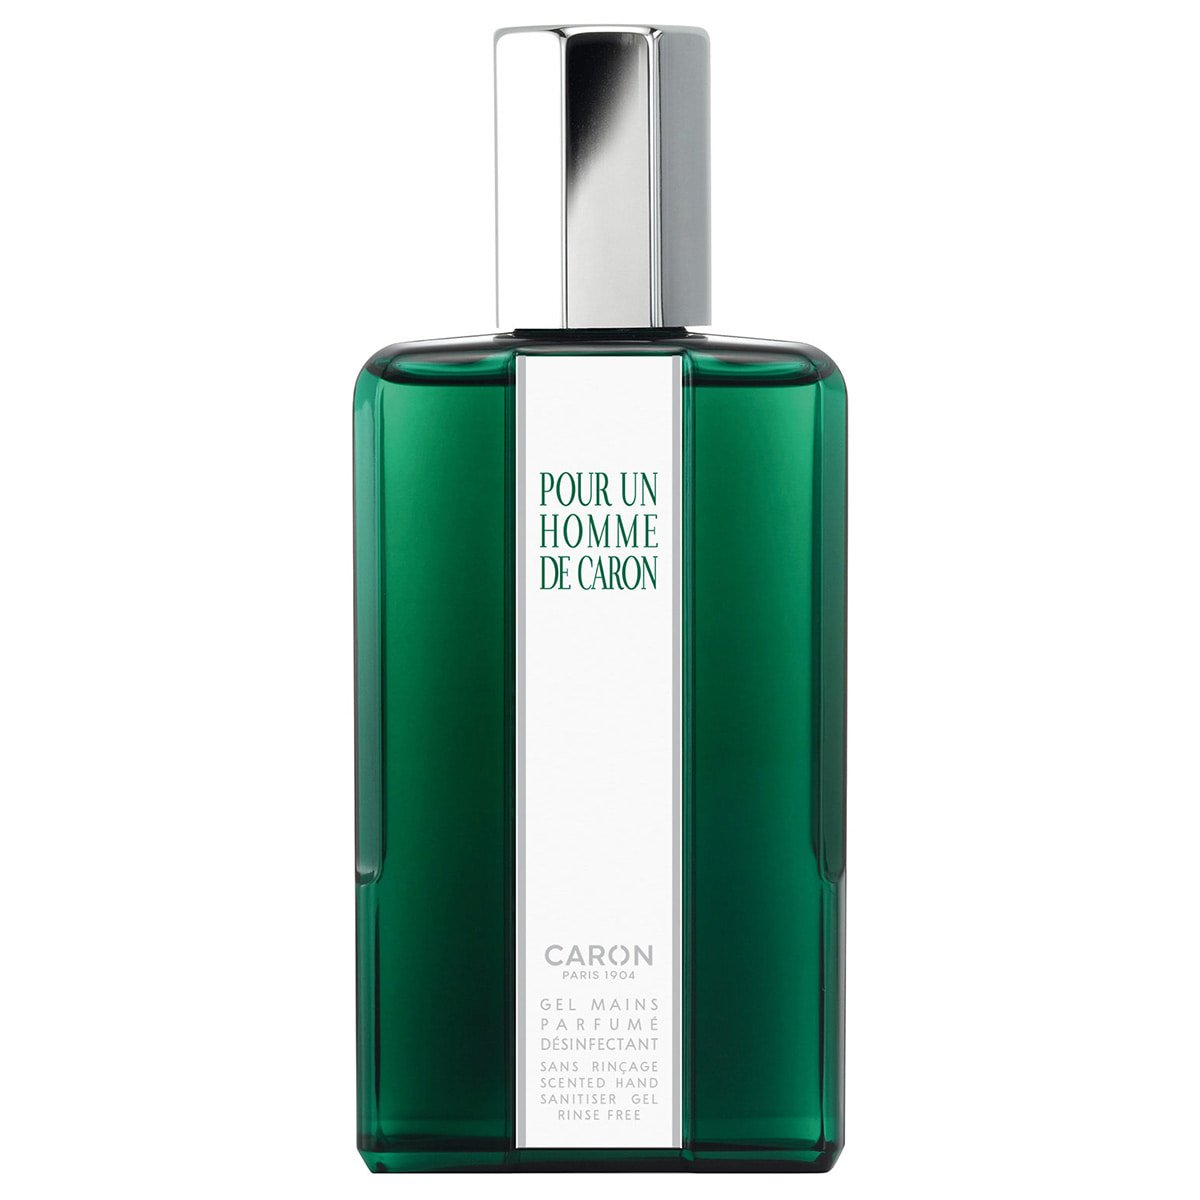 Caron - Pour Un Homme de Caron - Gel Mains parfumé Désinfectant 200 ml